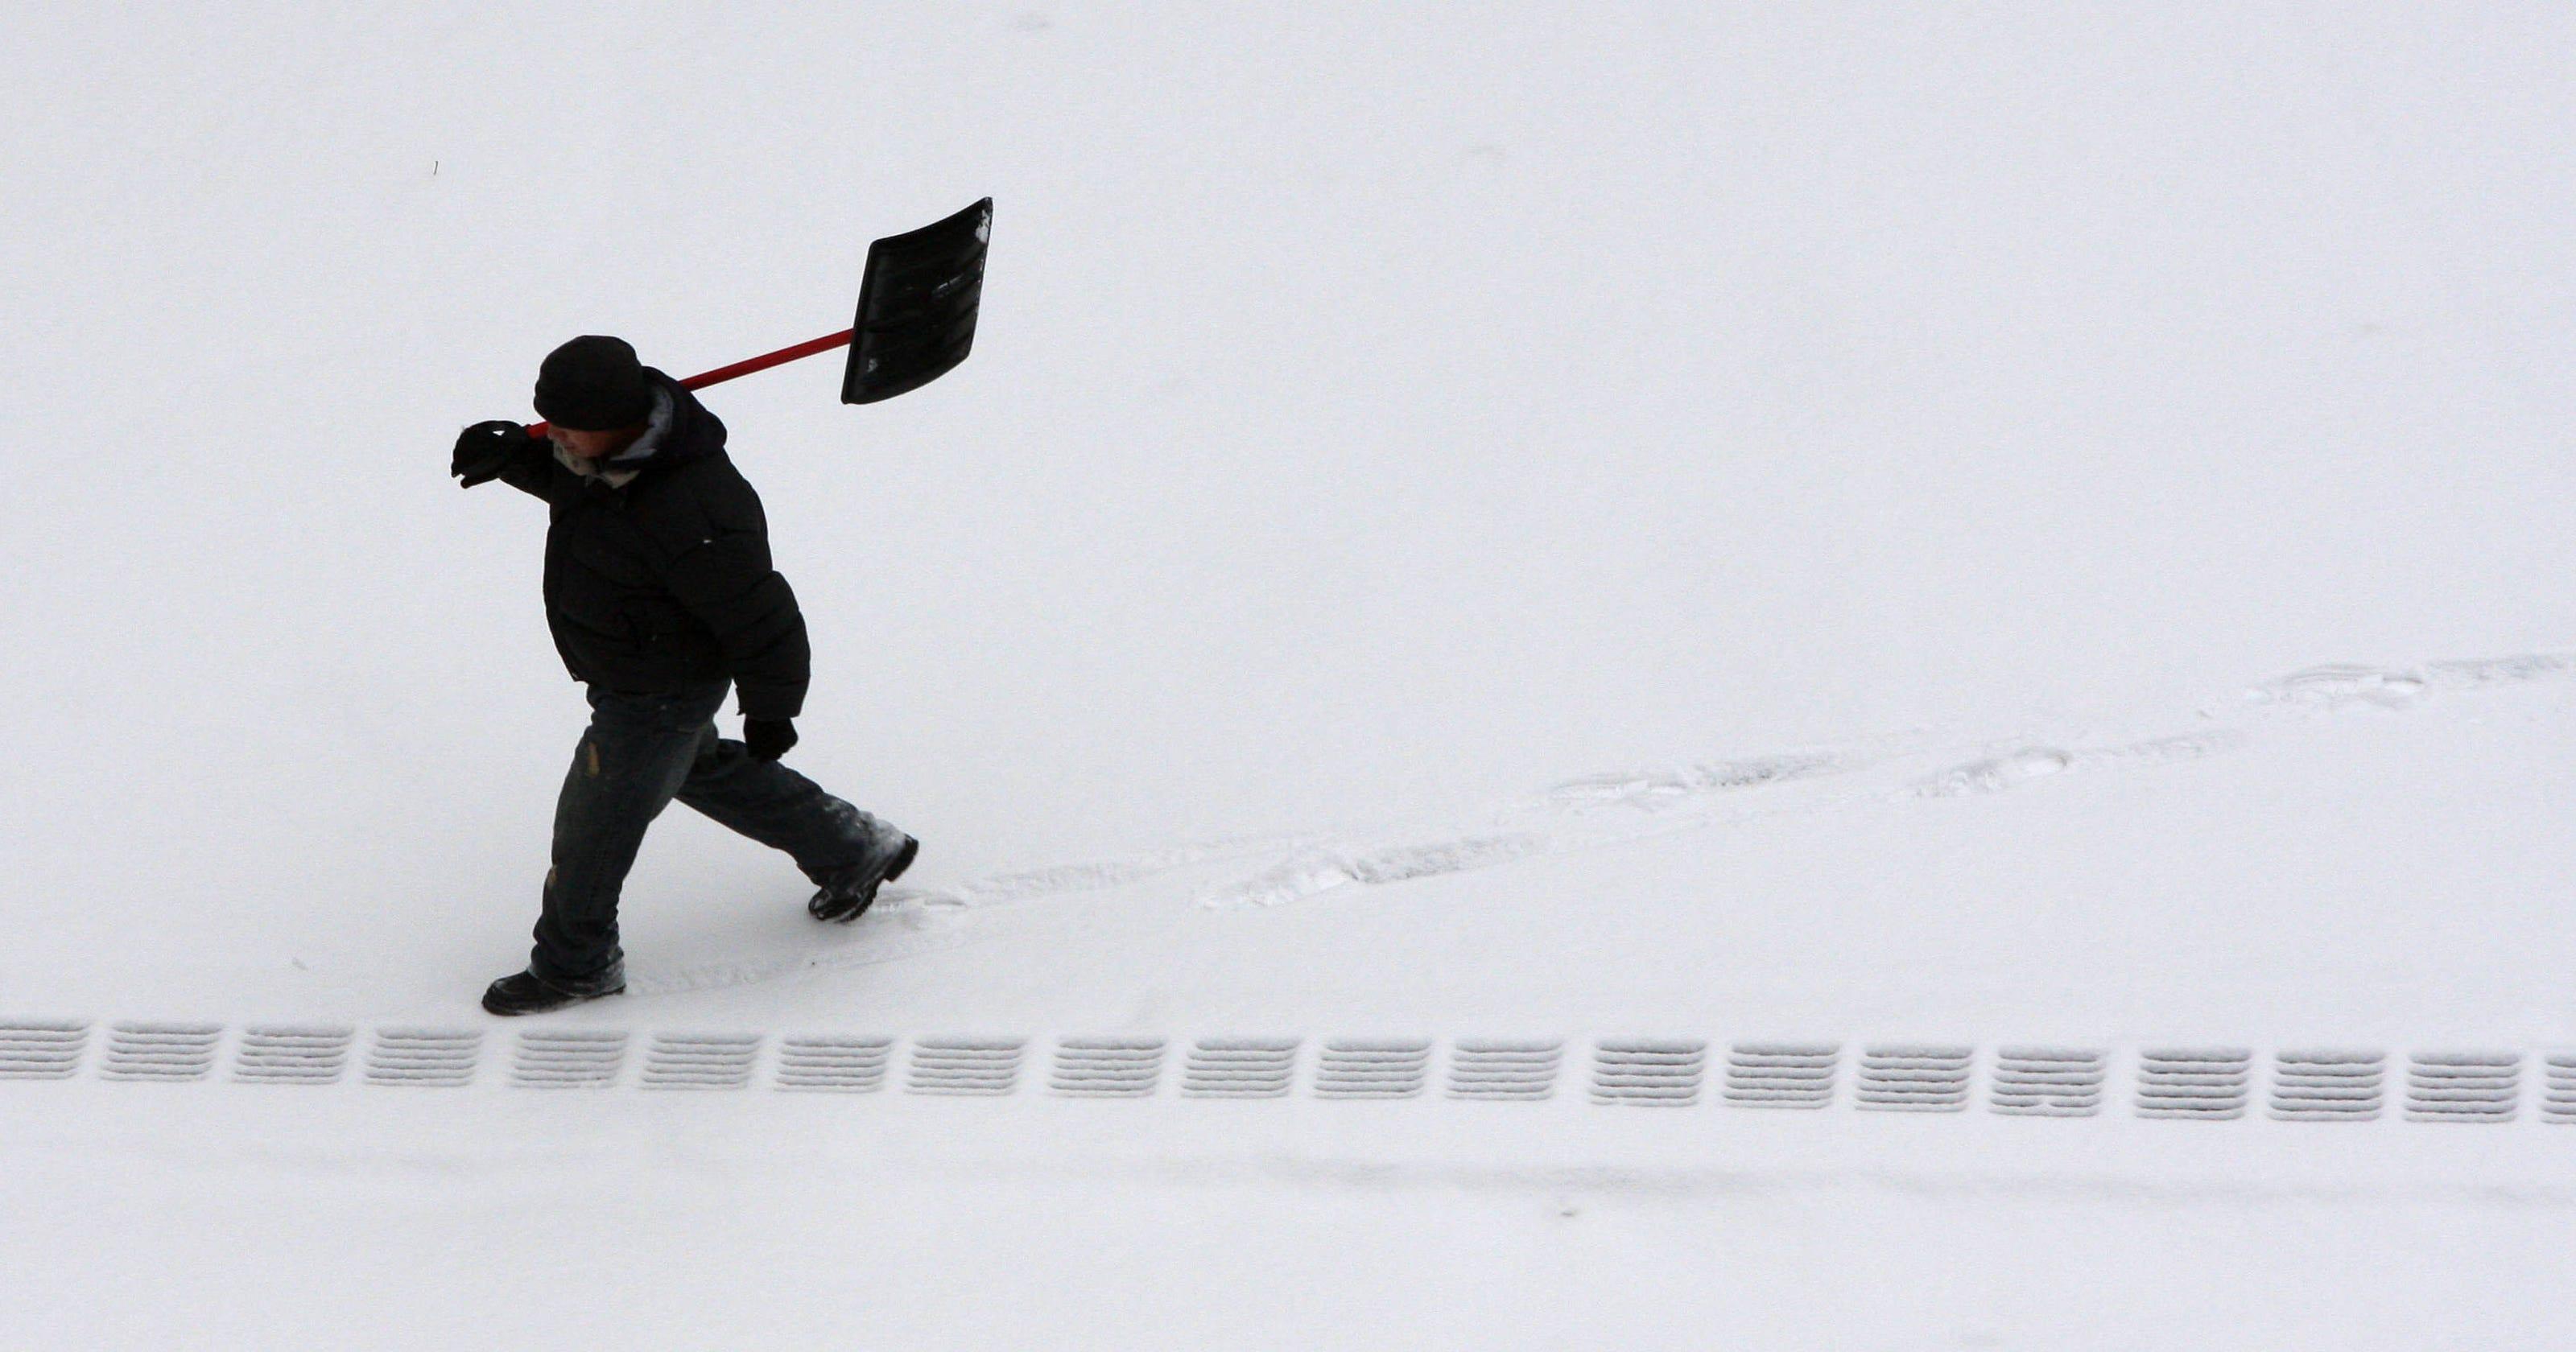 Where to find a snow shoveler